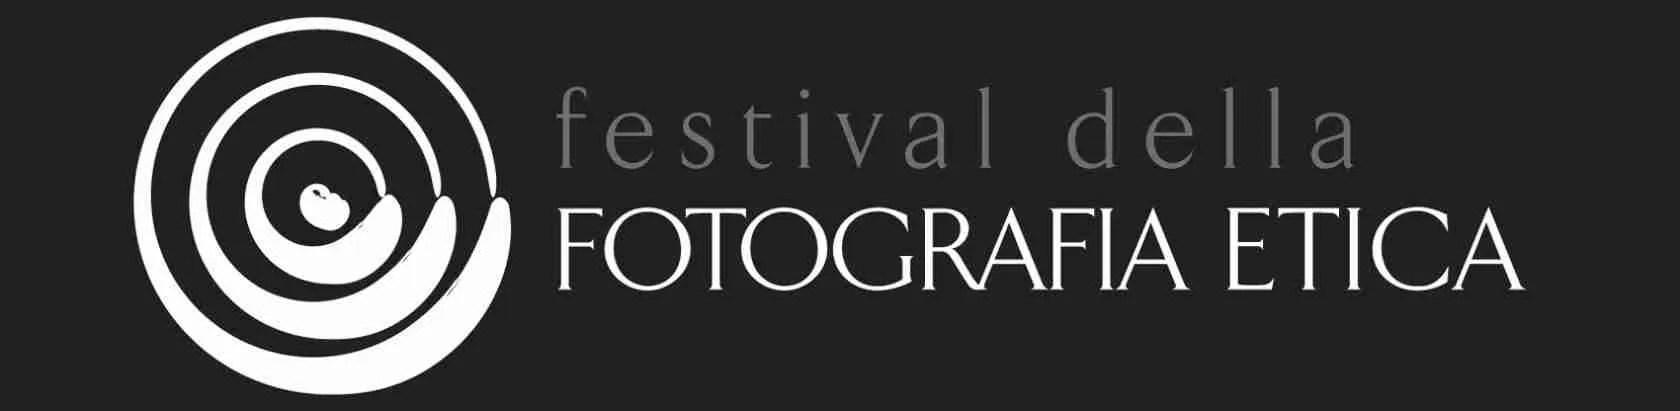 Durante il Festival della Fotografia Etica di Lodi, in città aumenta il numero delle escort Lodi. Magica Escort